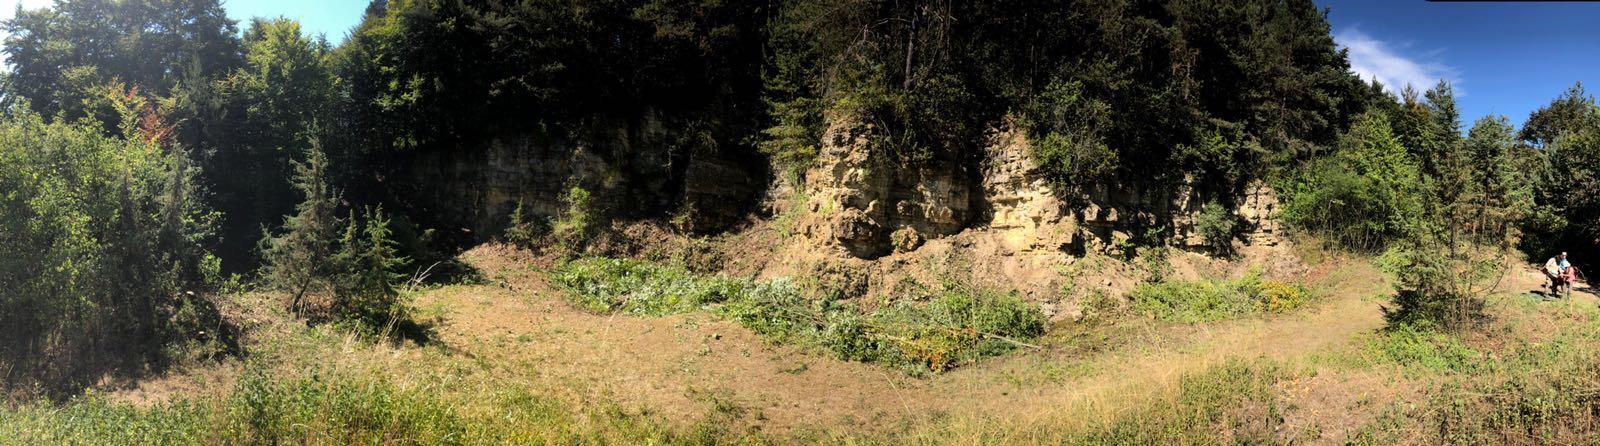 Kalksteinbruch schon halb enttarnt